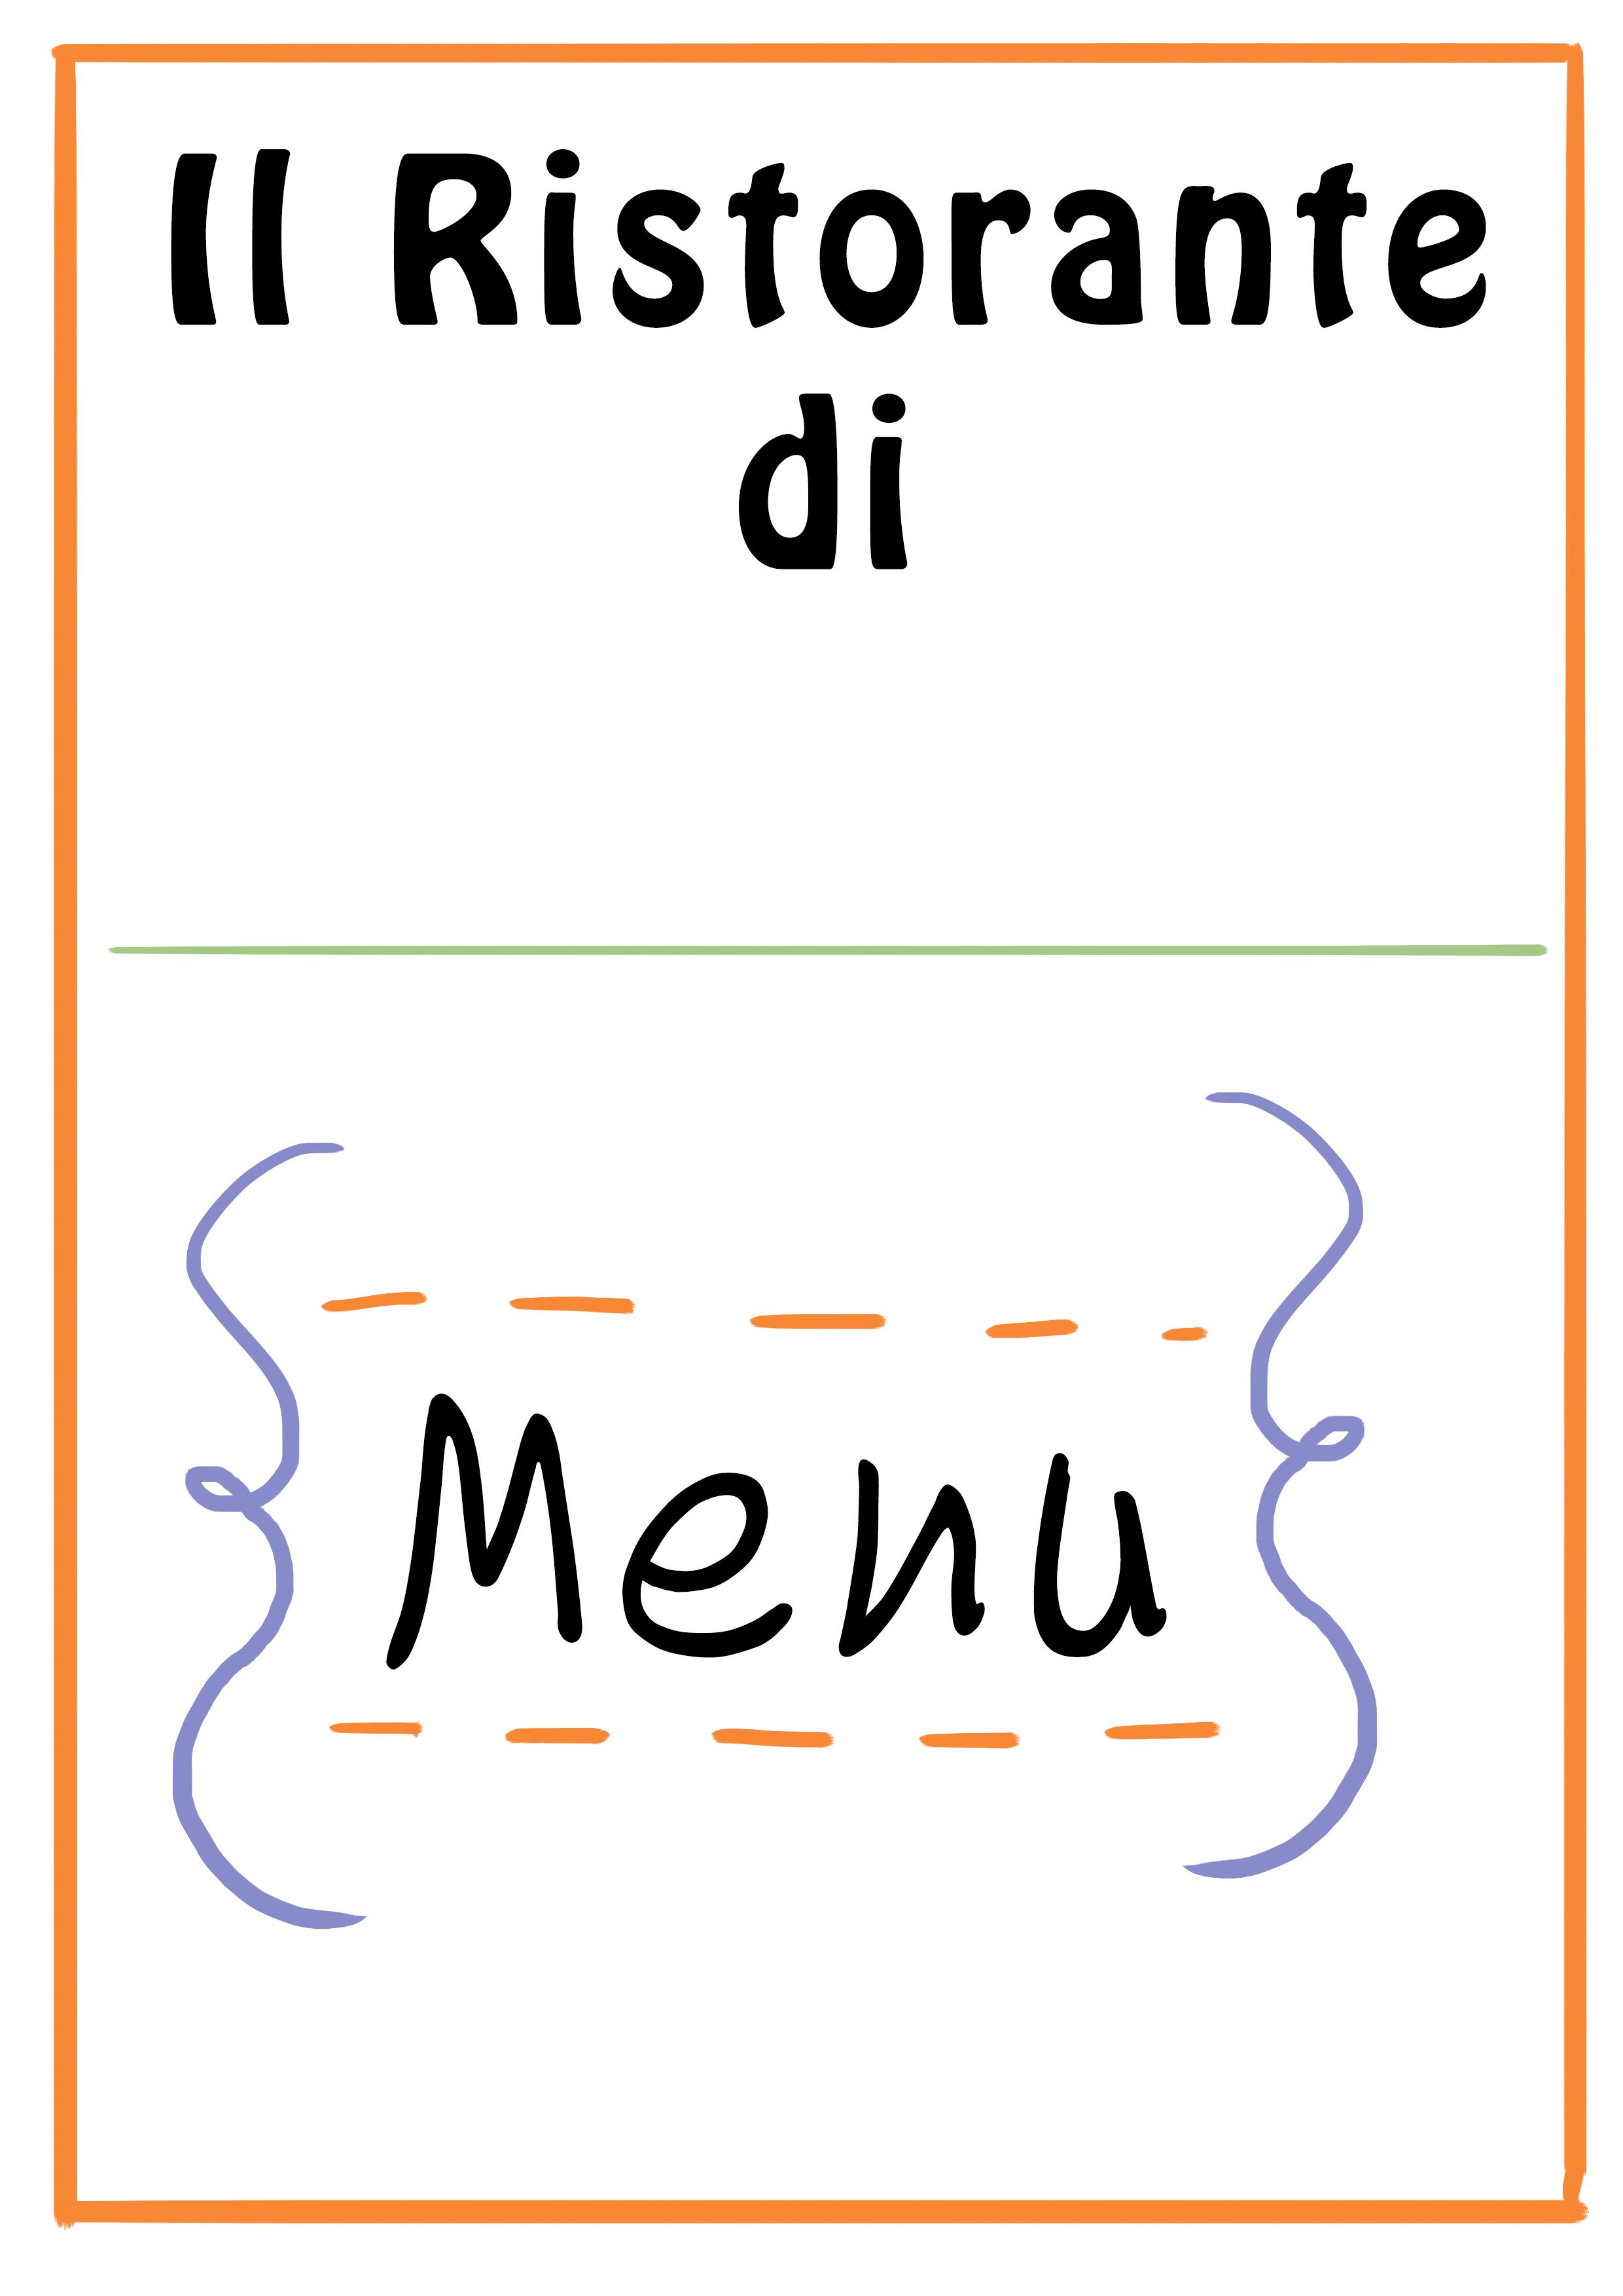 titolo-menu-ristorante